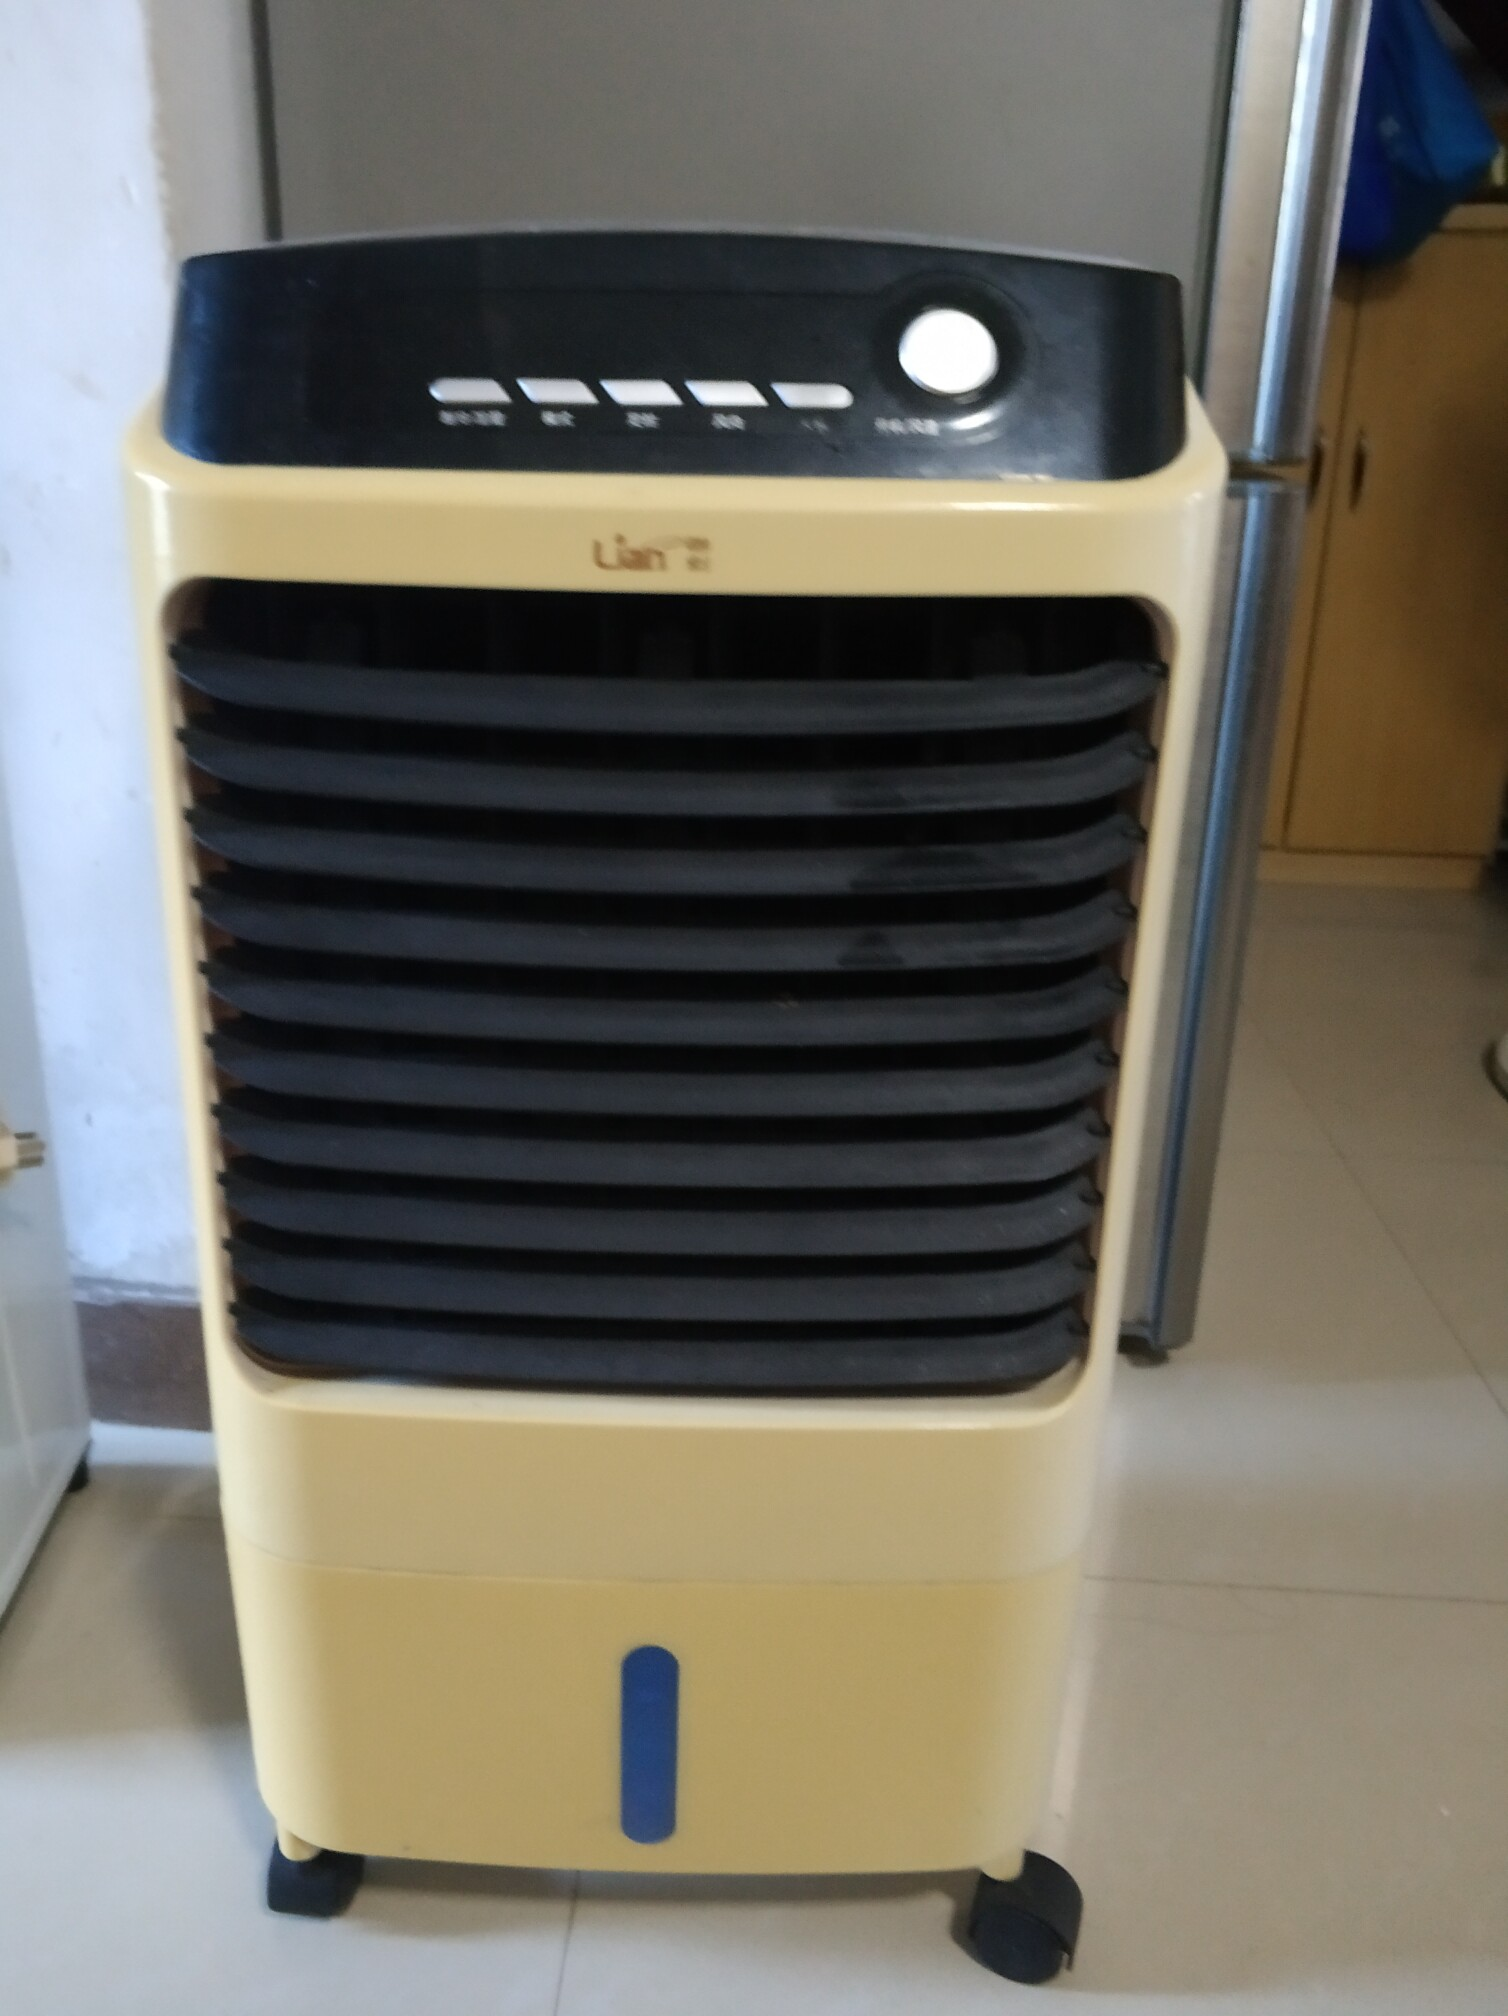 八成新单冷空气调节扇,带摇控,功能正常,外观无划痕,淡水附近